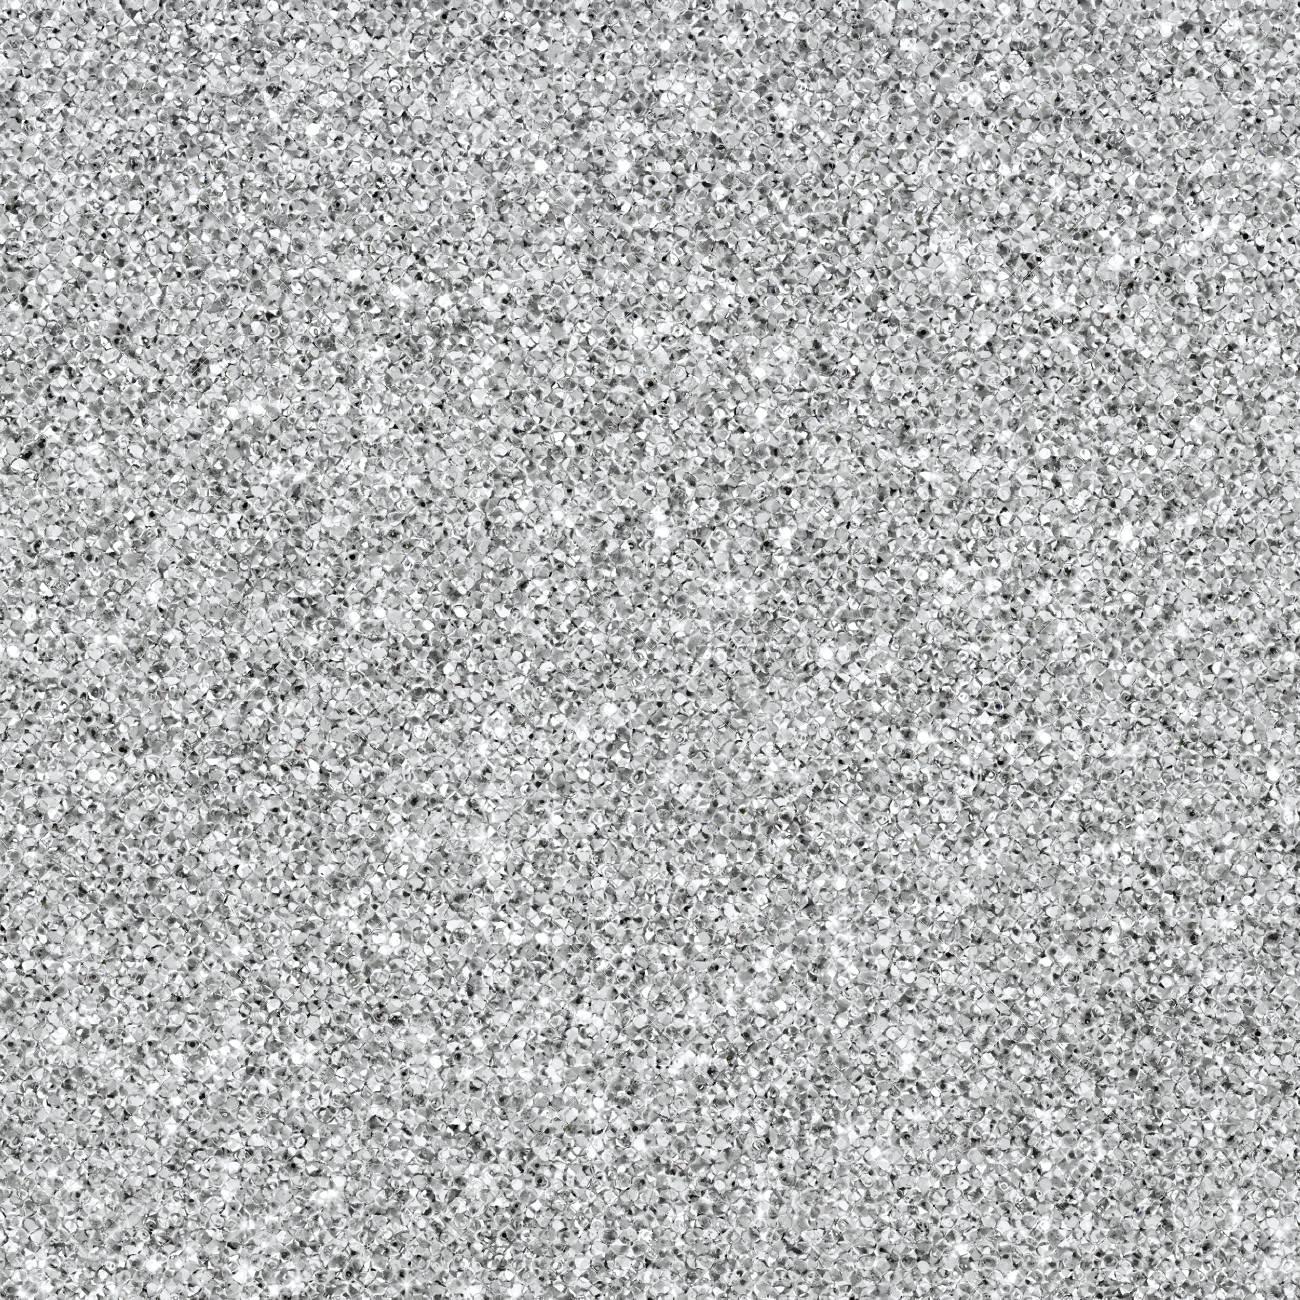 Gris Argent Etincelant Fond Texture Rugueuse Banque D Images Et Photos Libres De Droits Image 46699661